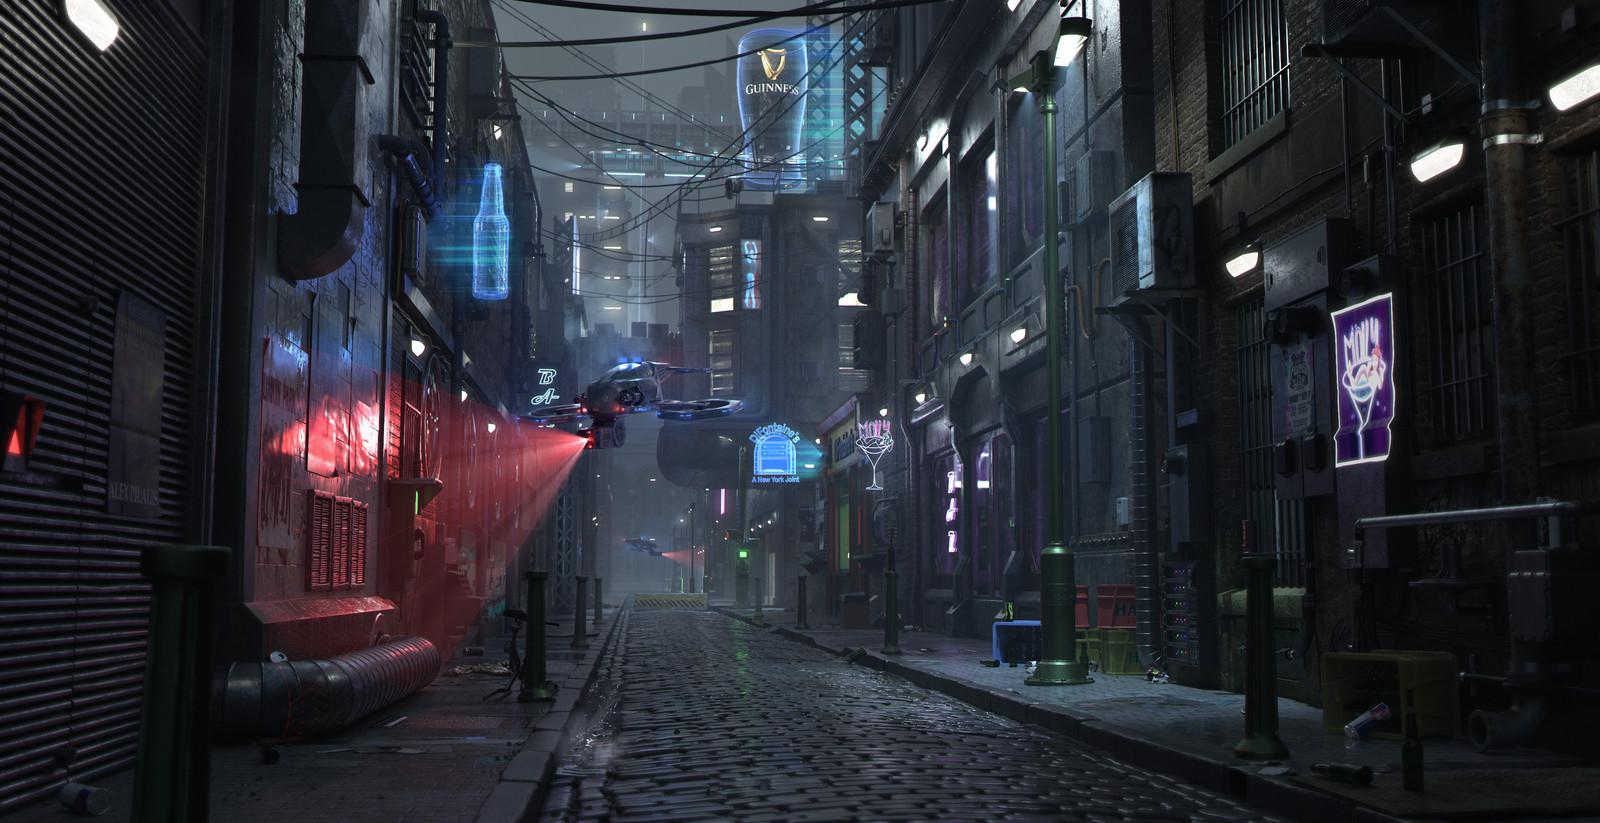 Dublin 2047